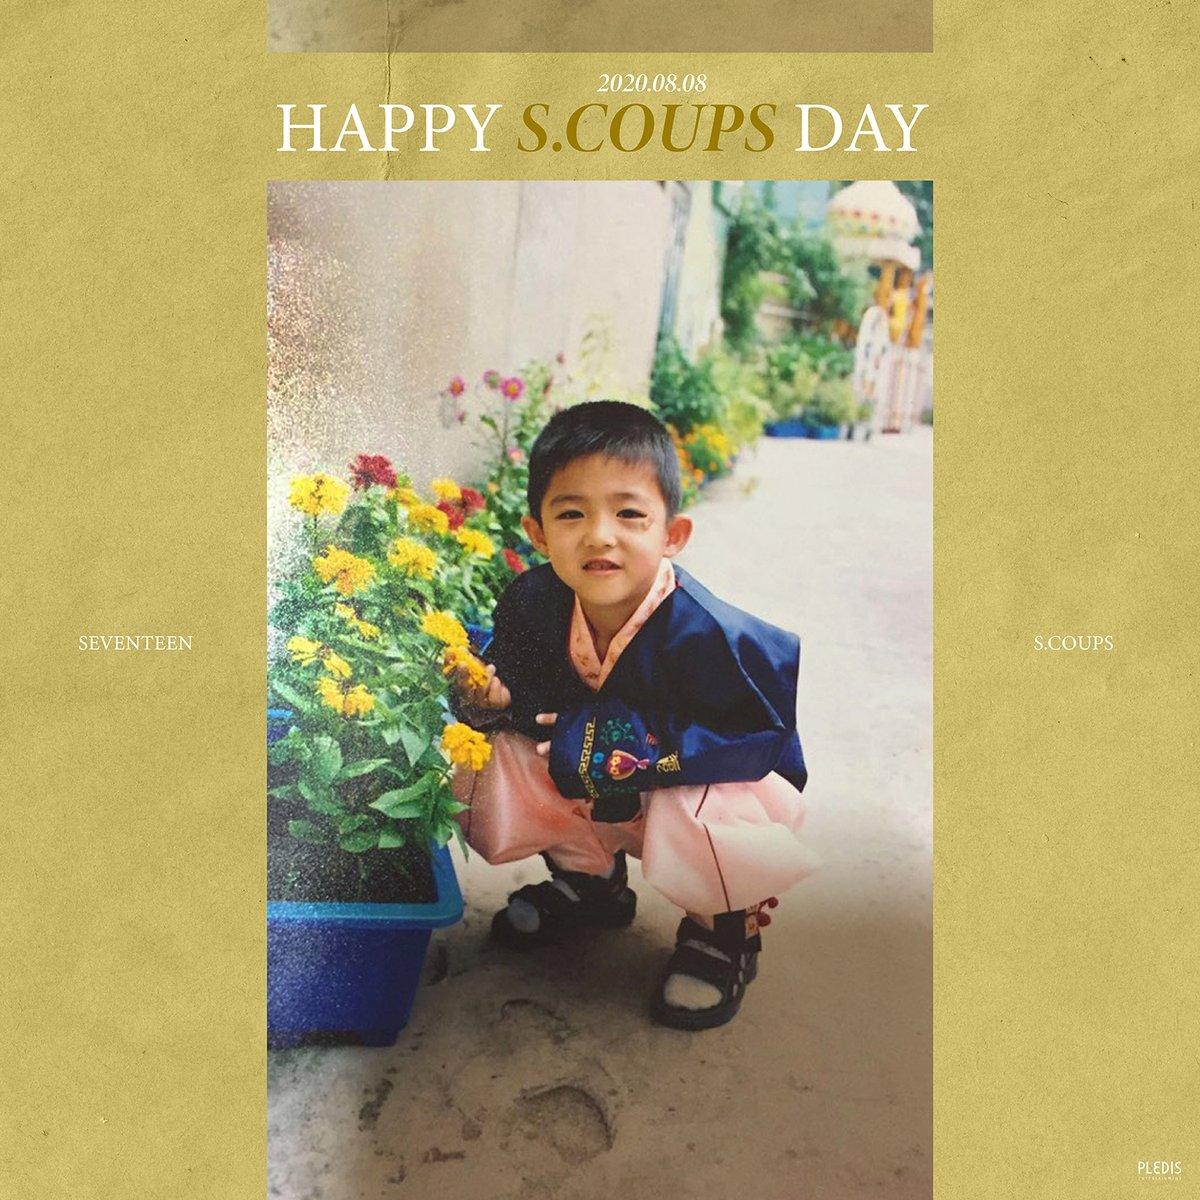 20200808 Happy S.COUPSs Day🚩 #Happy_SCOUPS_Day #에스쿱스 #SCOUPS #세븐틴 #SEVENTEEN